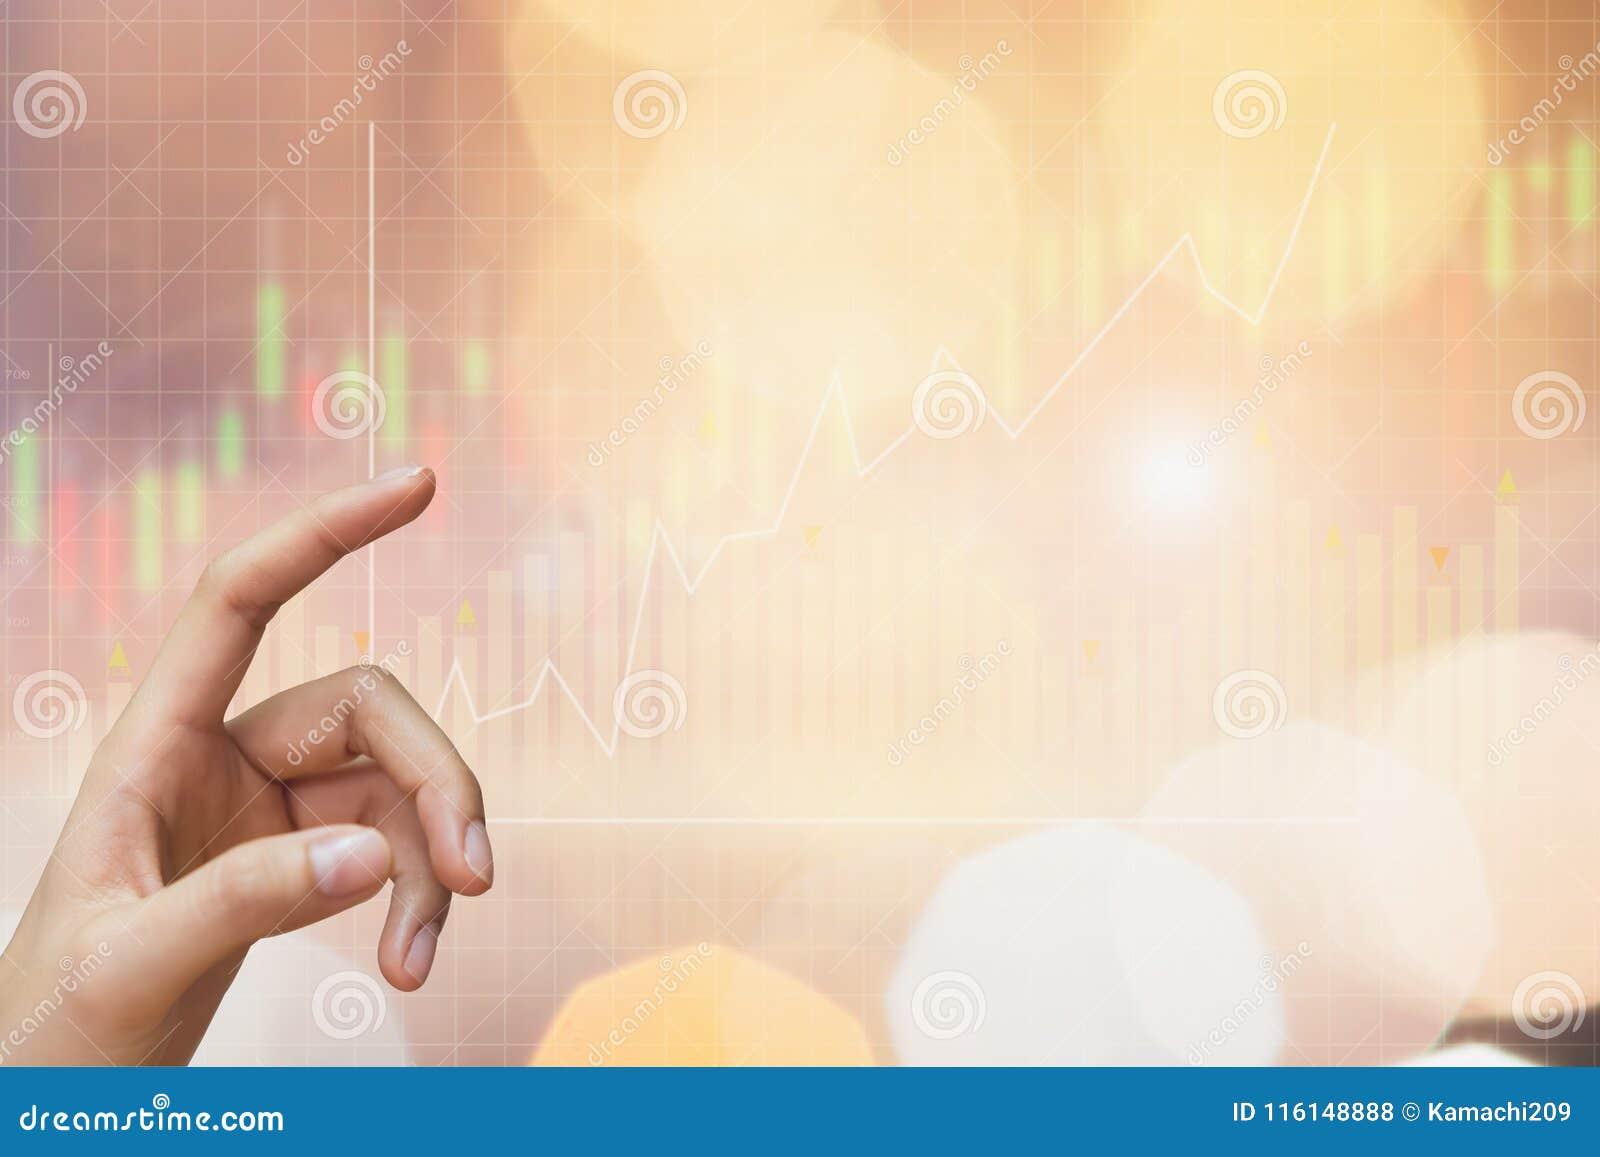 A mão da mulher está apontando e gráfico da mostra com o gráfico de troca da bolsa de valores